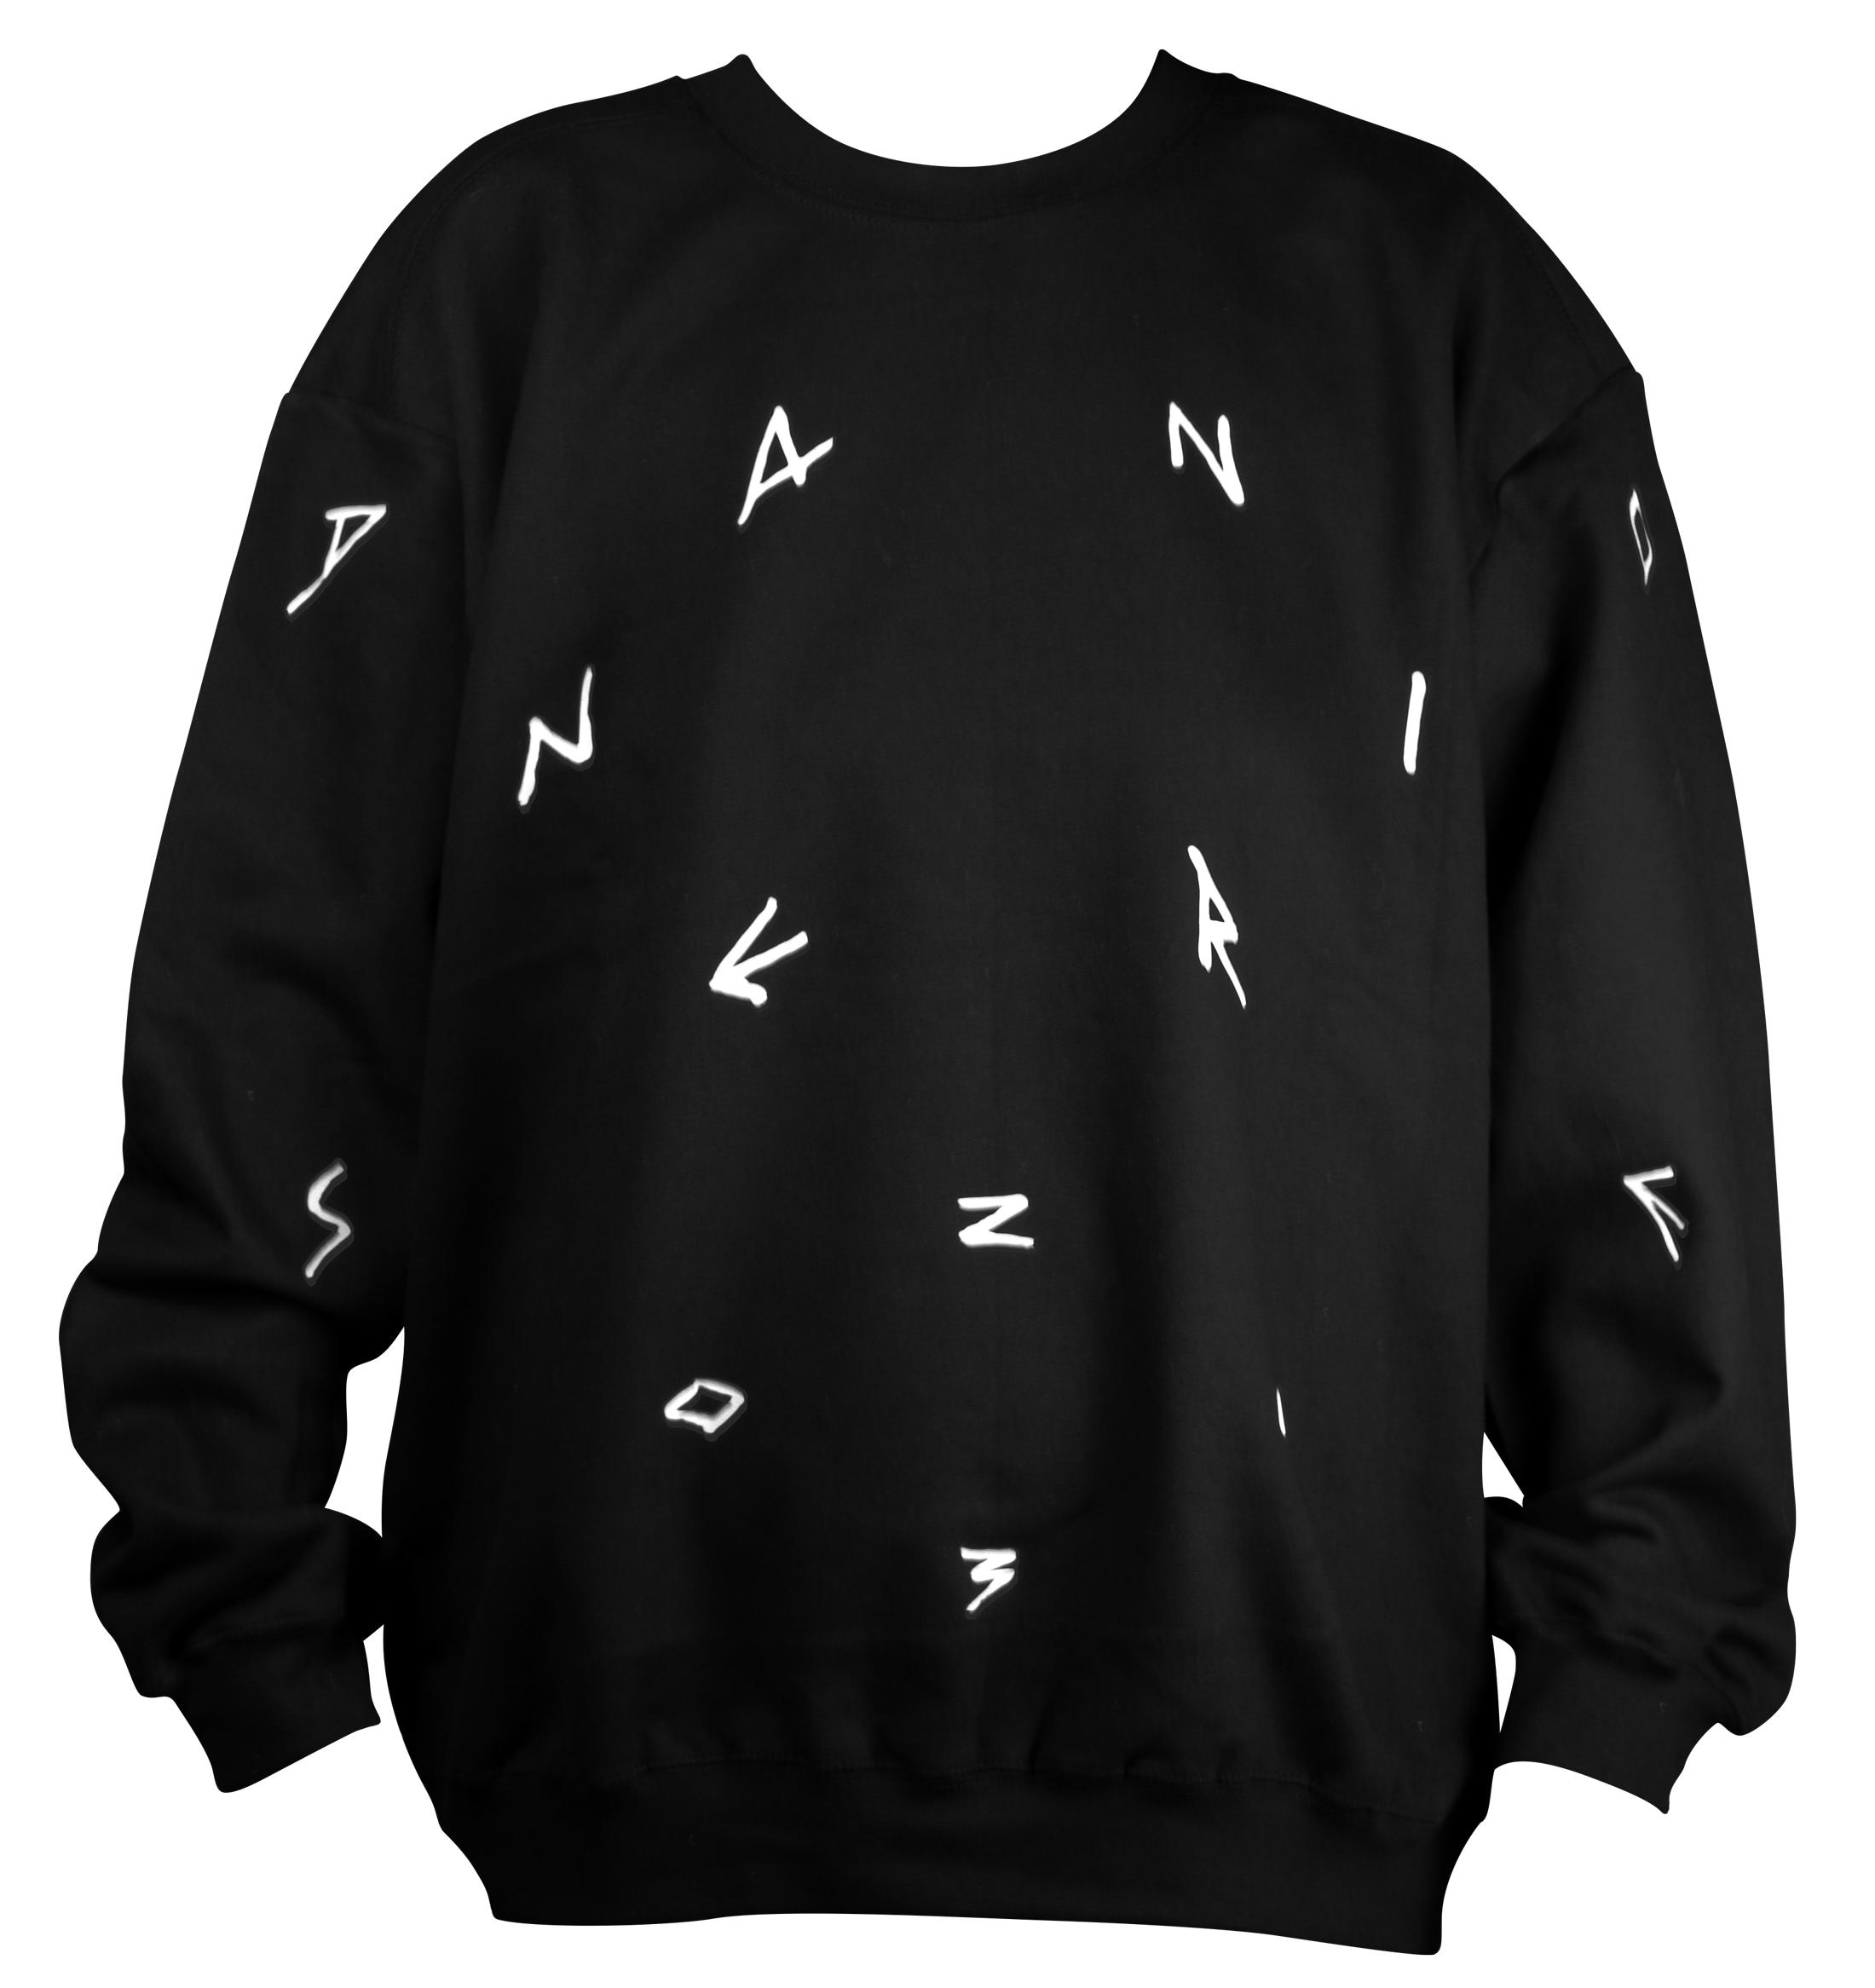 Pull pour le label Danse Noire (noir)